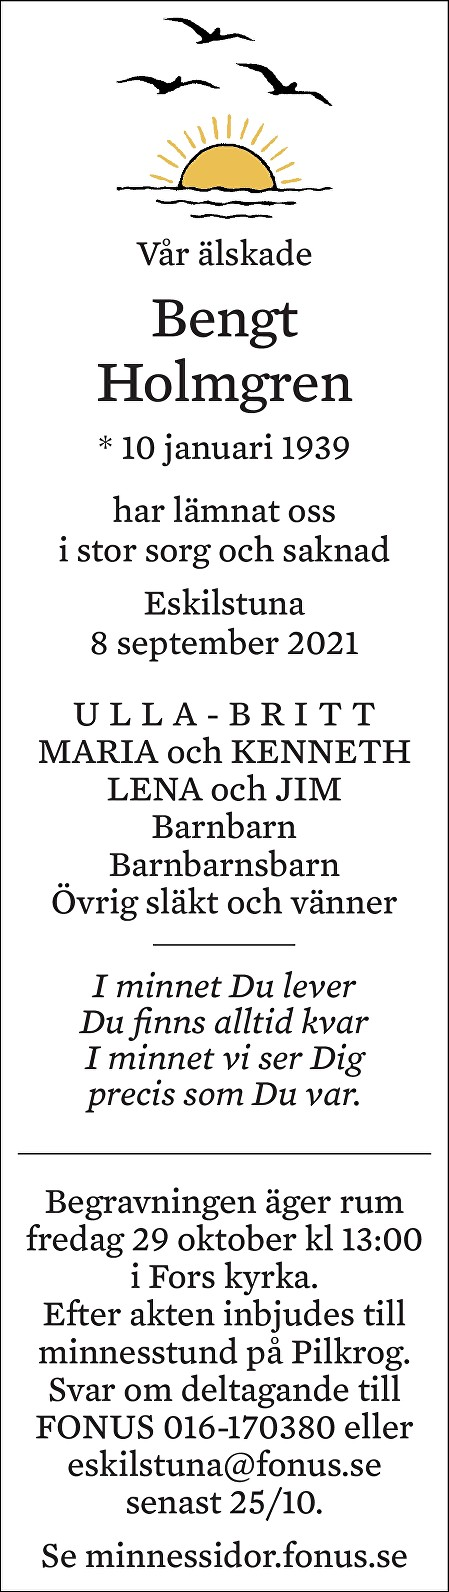 Bengt Holmgren Death notice